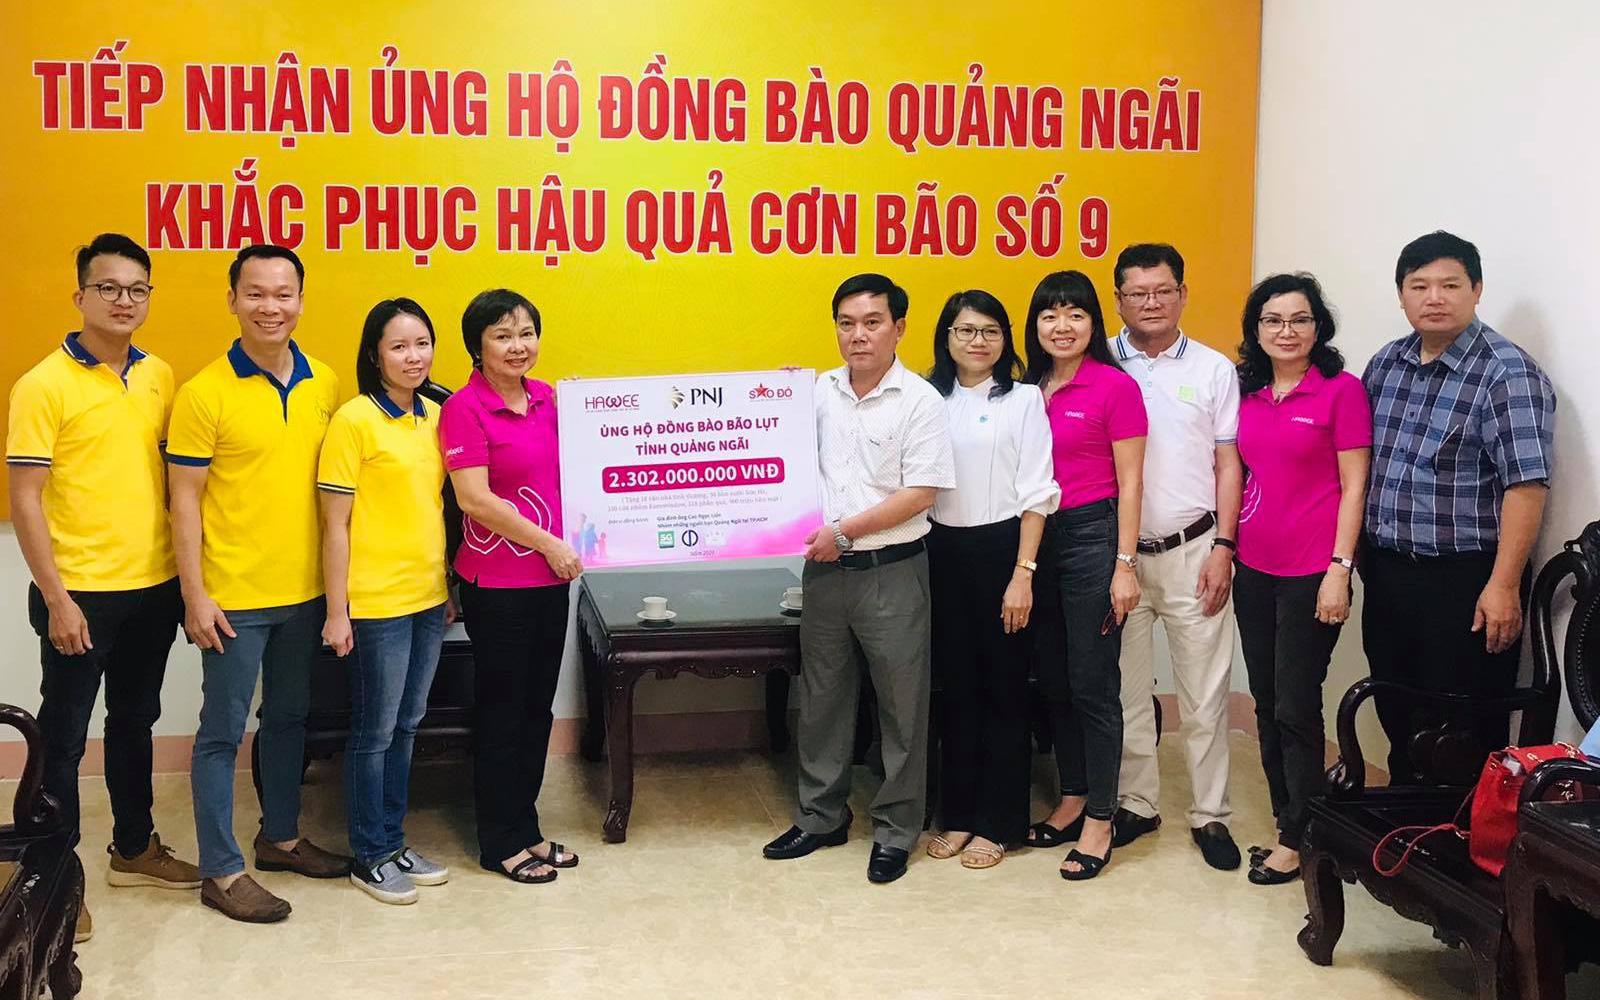 PNJ chung sức hỗ trợ người dân Quảng Ngãi sau cơn bão số 9